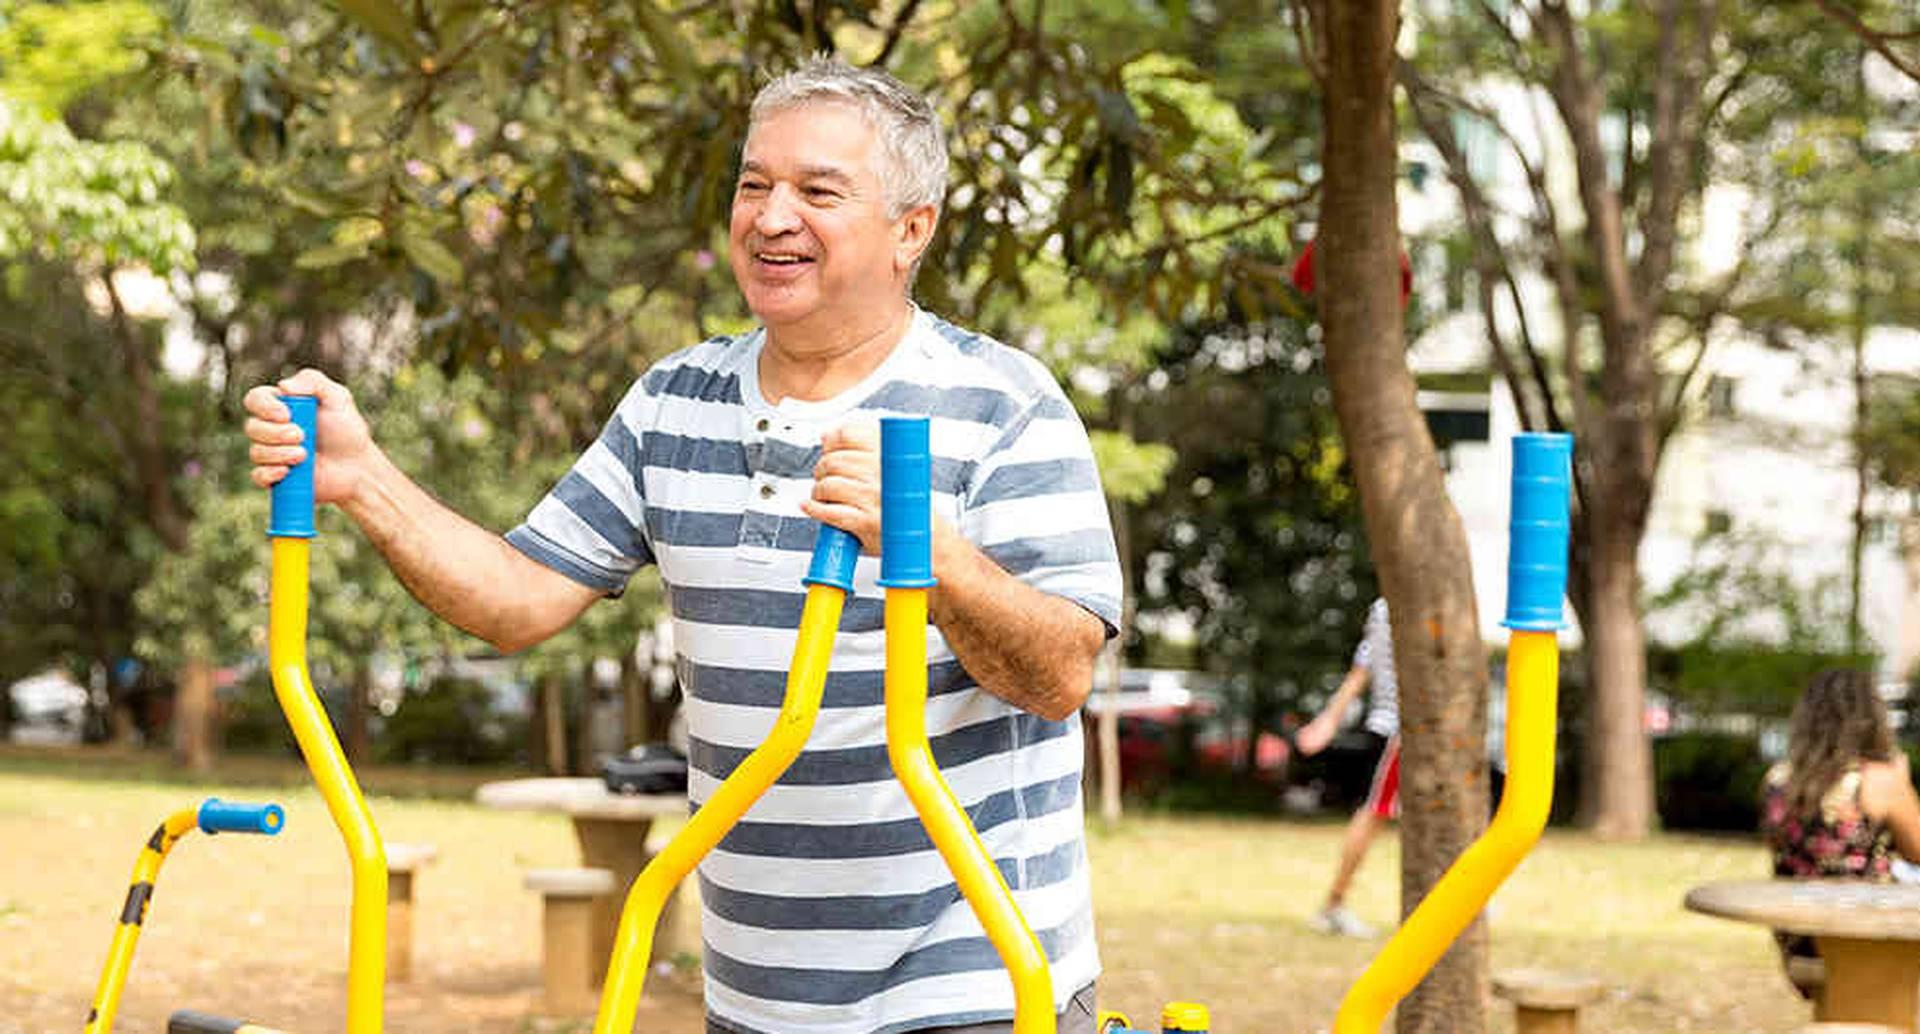 por primera vez en la historia de la humanidad y del país, la proporción de personas mayores de 60 años  es superior a la de quienes se encuentran entre los 0 y 5 años.